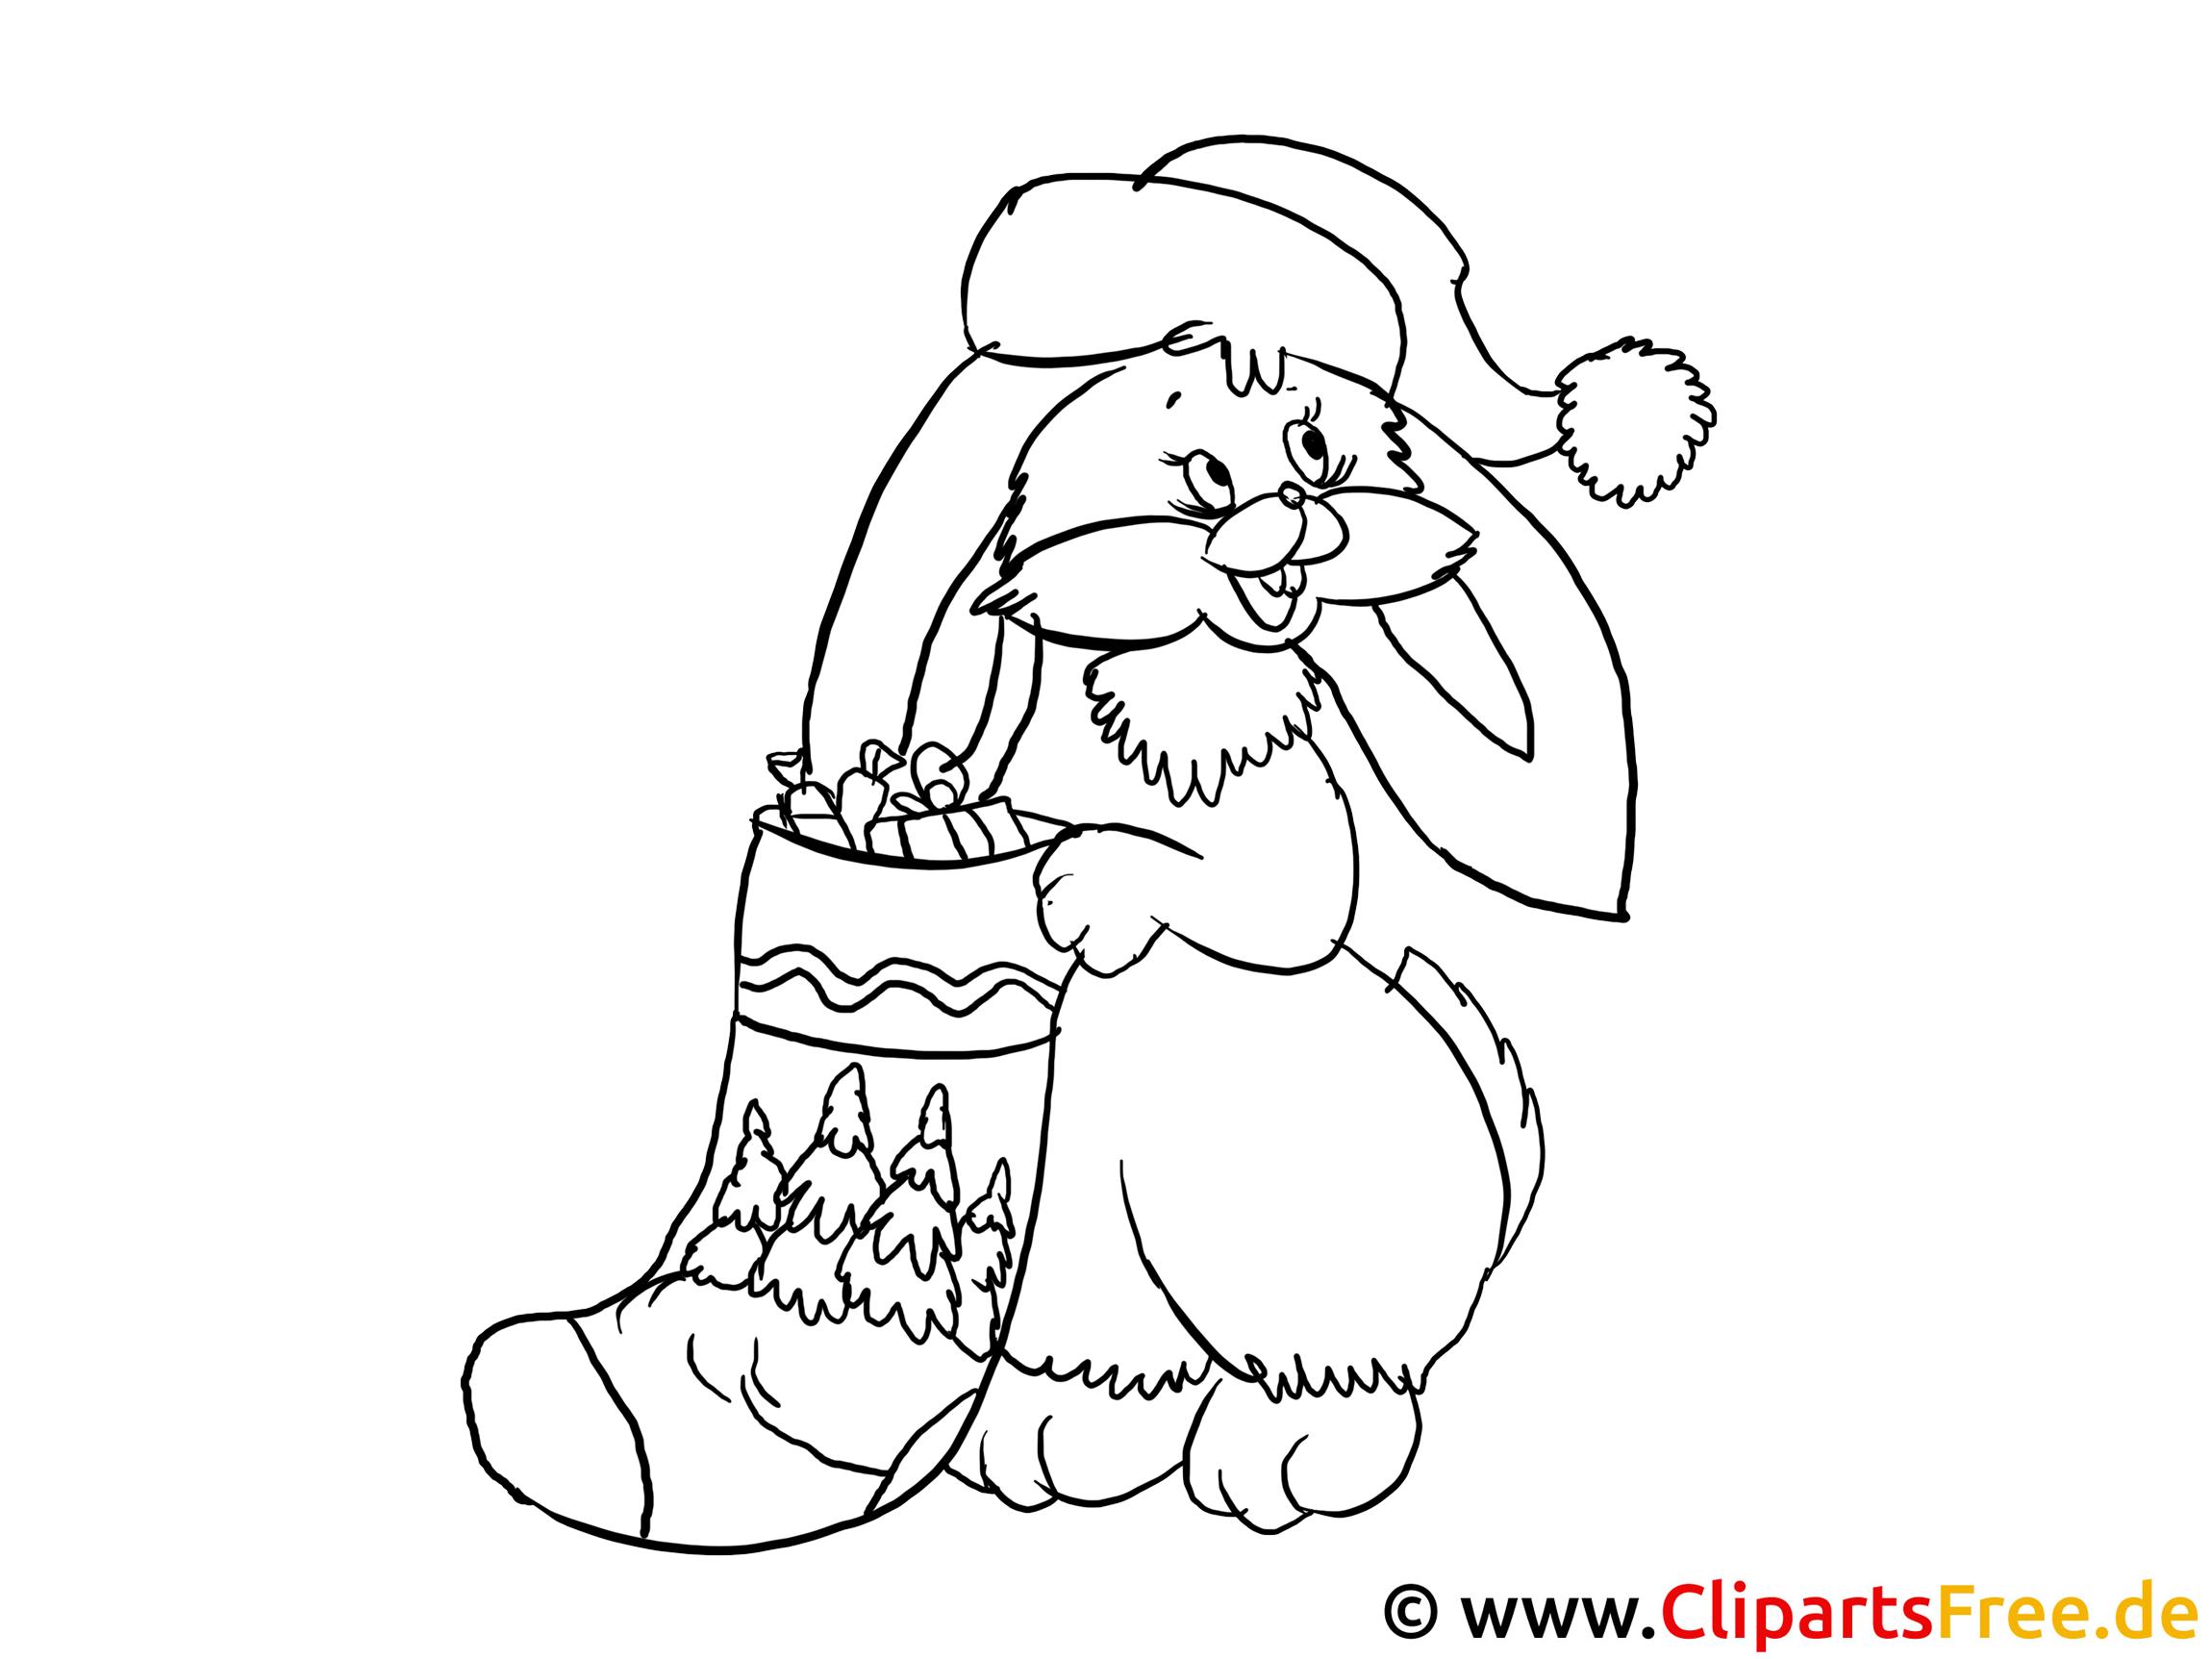 Atemberaubend Weihnachten Malvorlagen Und Aktivitäten Bilder ...